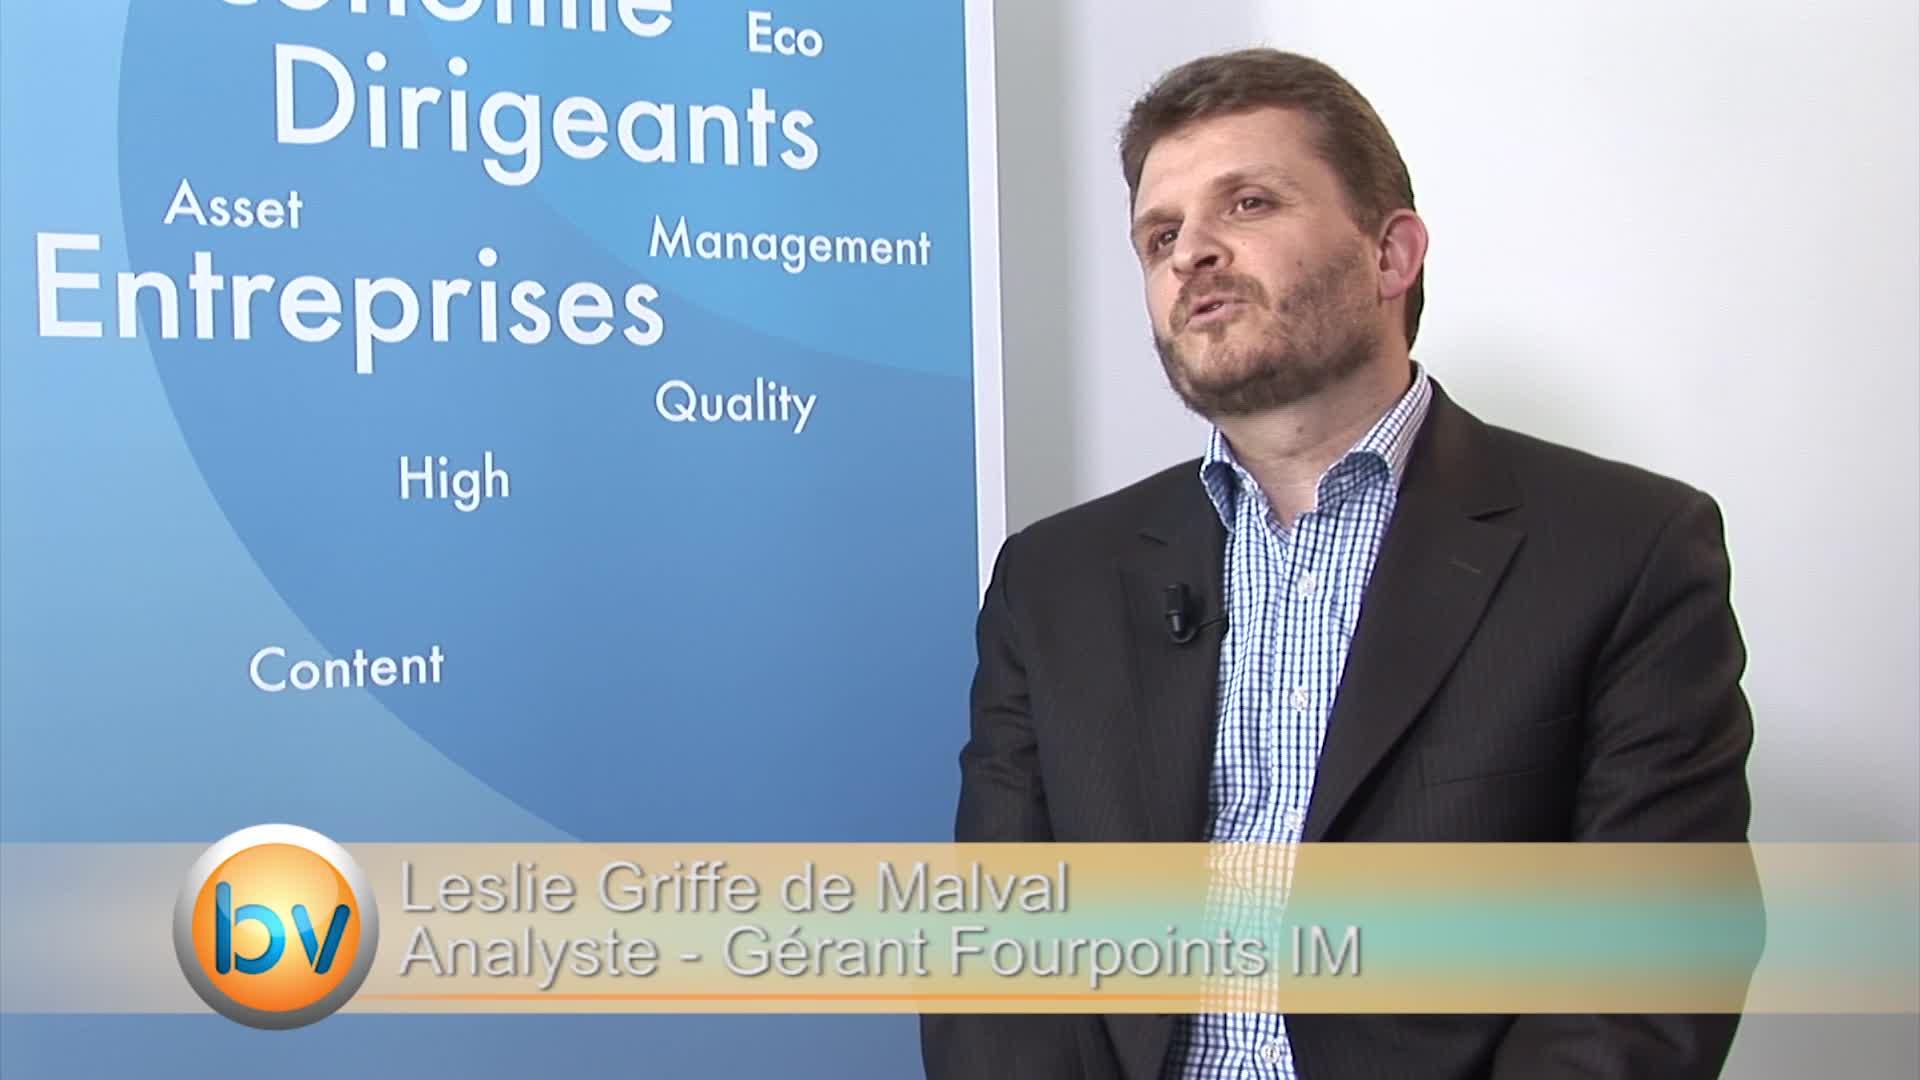 Leslie Griffe de Malval Analyste – Gérant Fourpoints IM : «La croissance sera dans les services pour mobiles»